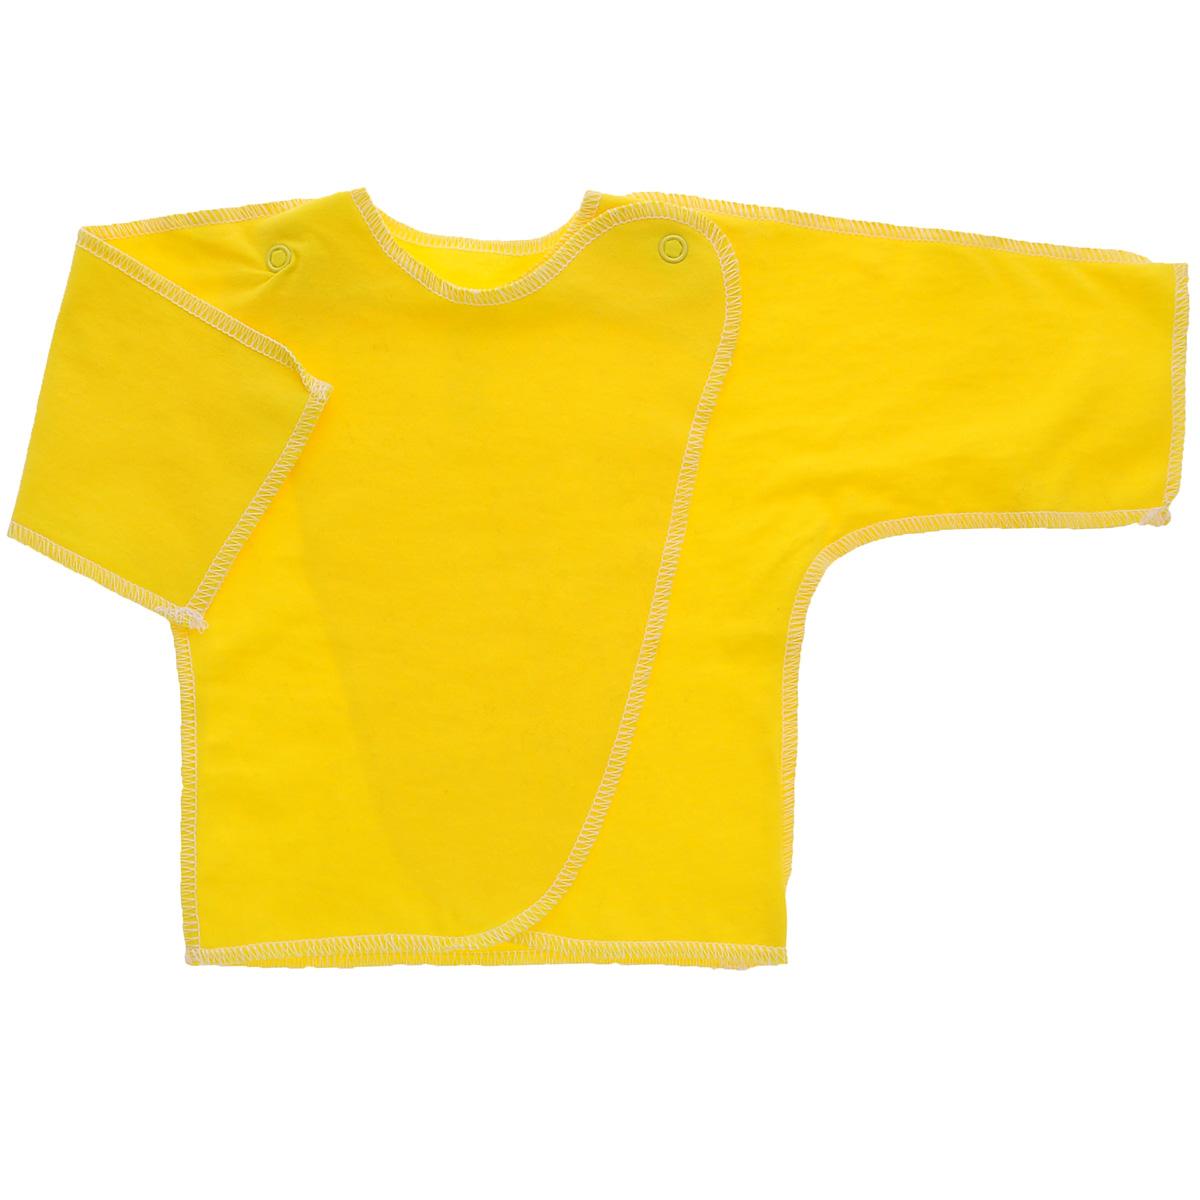 Распашонка Трон-плюс, цвет: желтый. 5002. Размер 62, 3 месяца5002Распашонка для мальчика Трон-плюс послужит идеальным дополнением к гардеробу вашего малыша. Распашонка изготовлена из натурального хлопка, благодаря чему она необычайно мягкая и легкая, не раздражает нежную кожу ребенка и хорошо вентилируется, а эластичные швы приятны телу малыша и не препятствуют его движениям. Распашонка с запахом, застегивается при помощи двух кнопок на плечах, которые позволяют без труда переодеть ребенка.